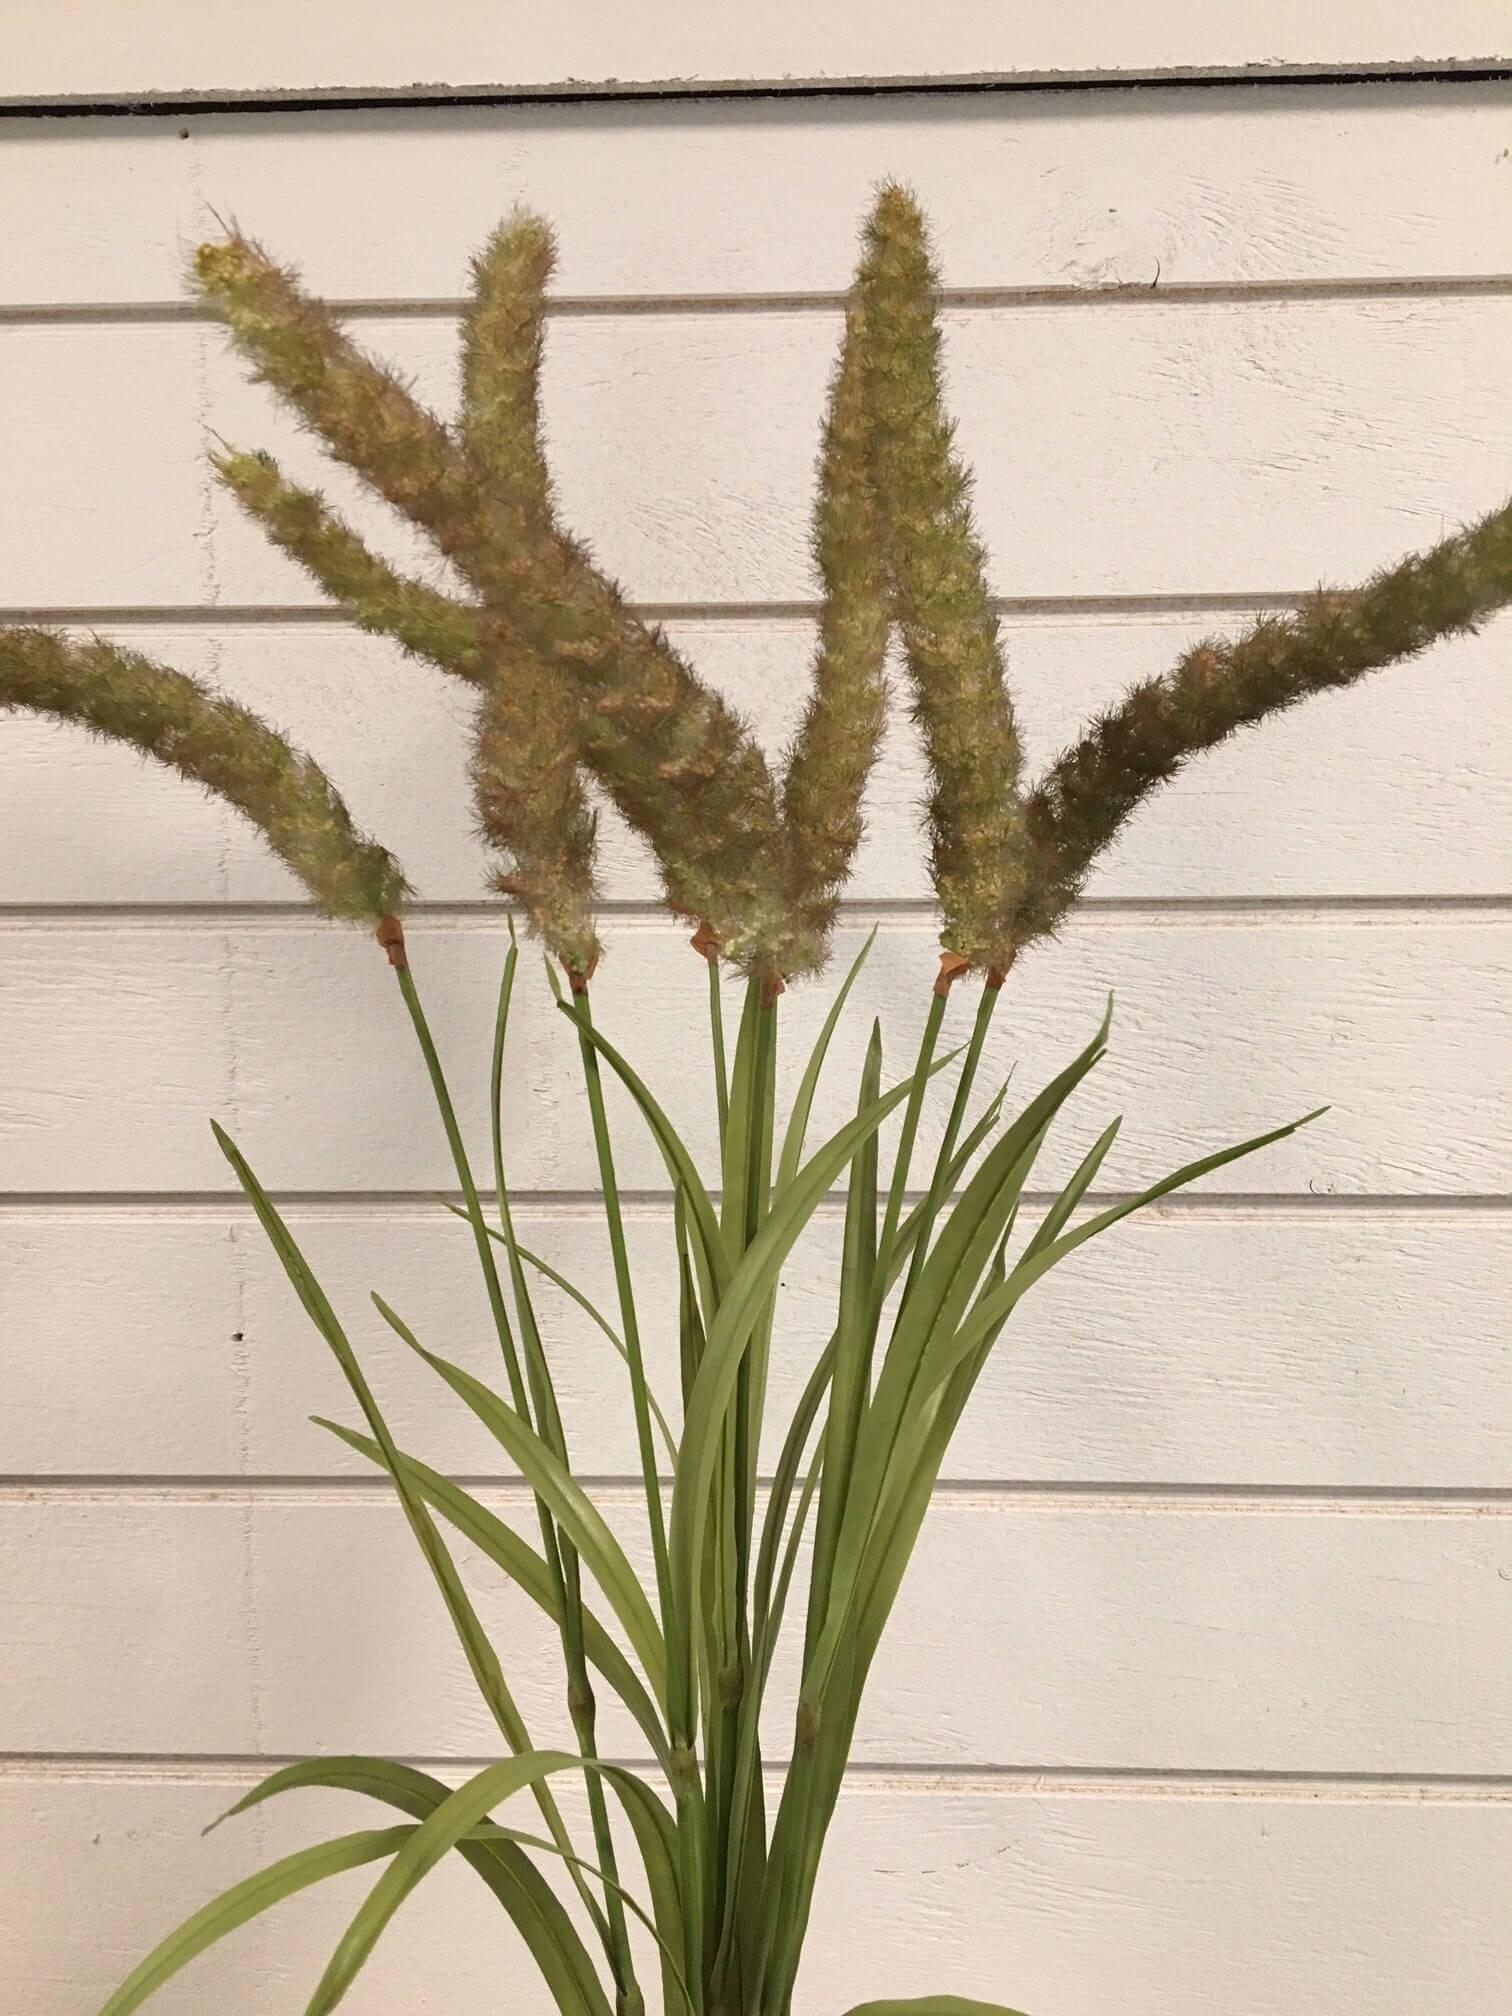 Gräs, mörkt ax, konstgjord växt